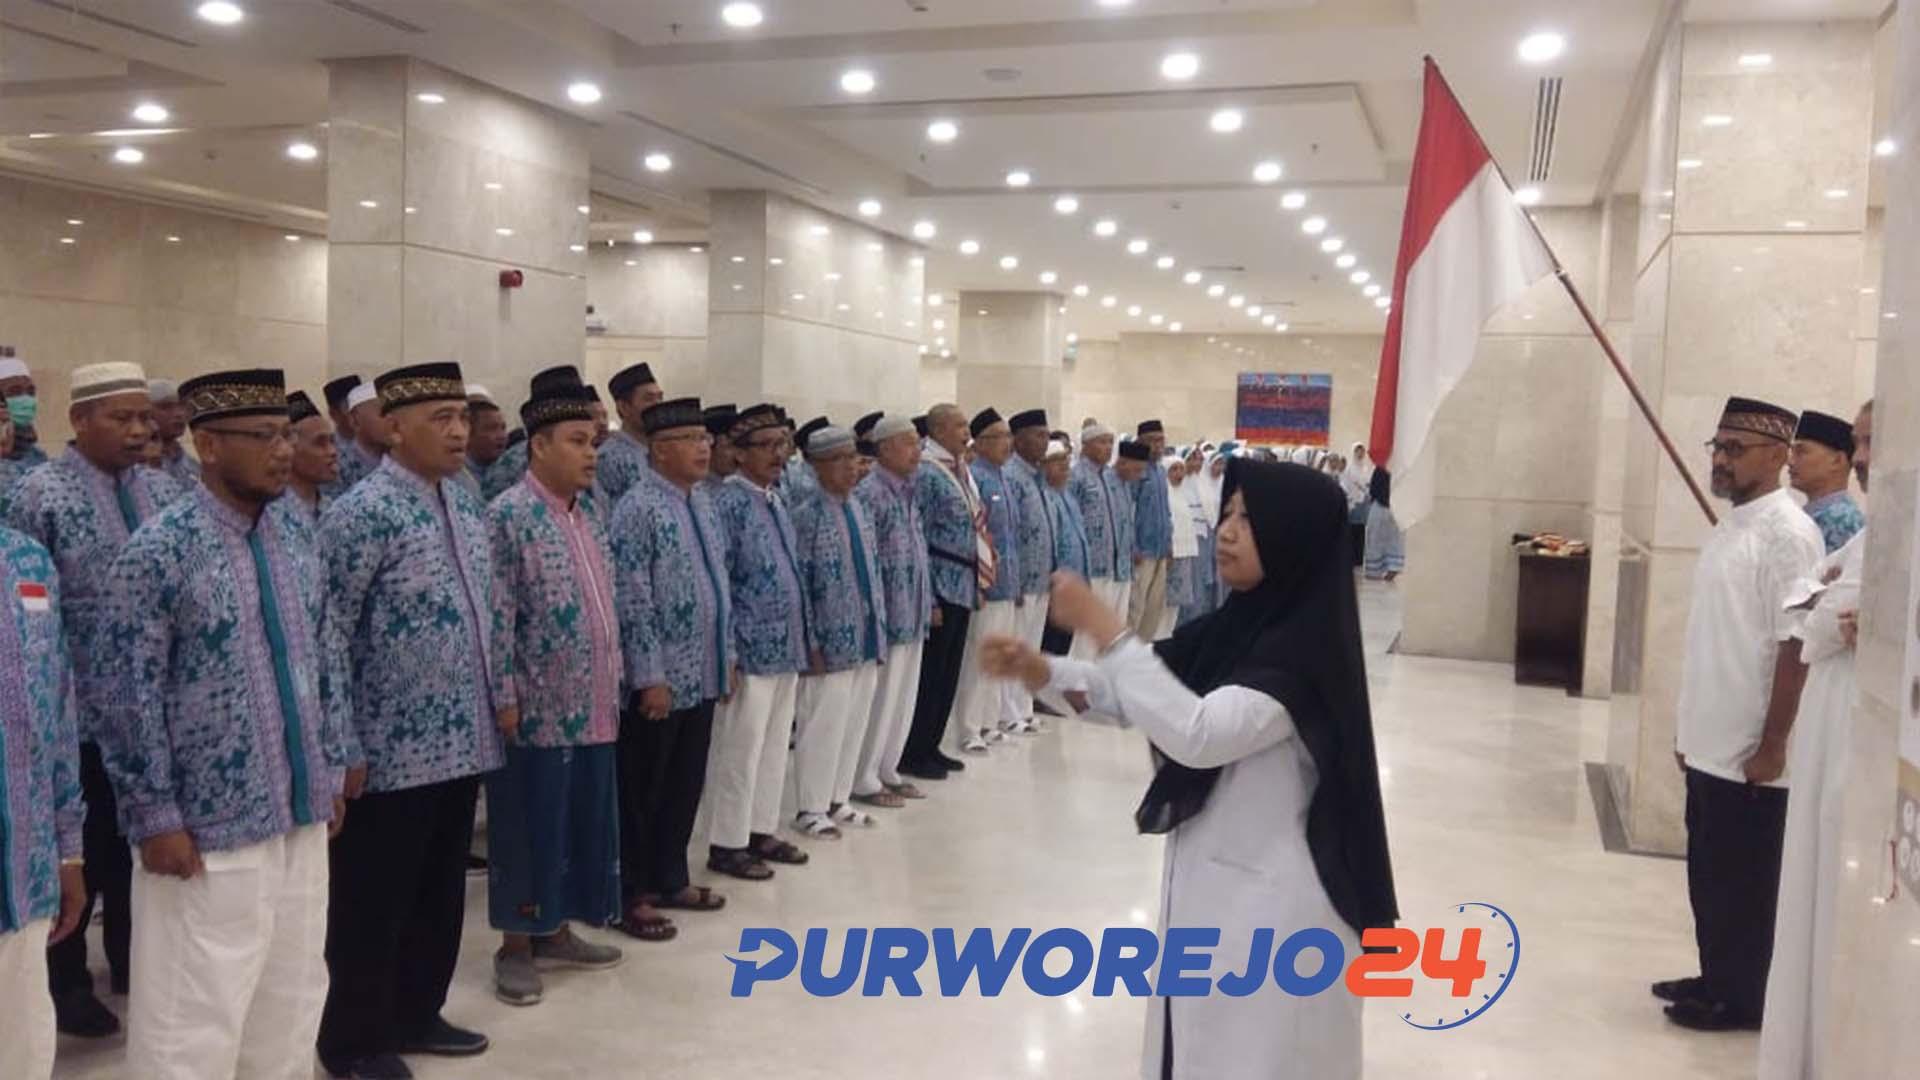 Jamaah Haji Asal Purworejo Melaksanakan Upacara HUT RI di Mekah